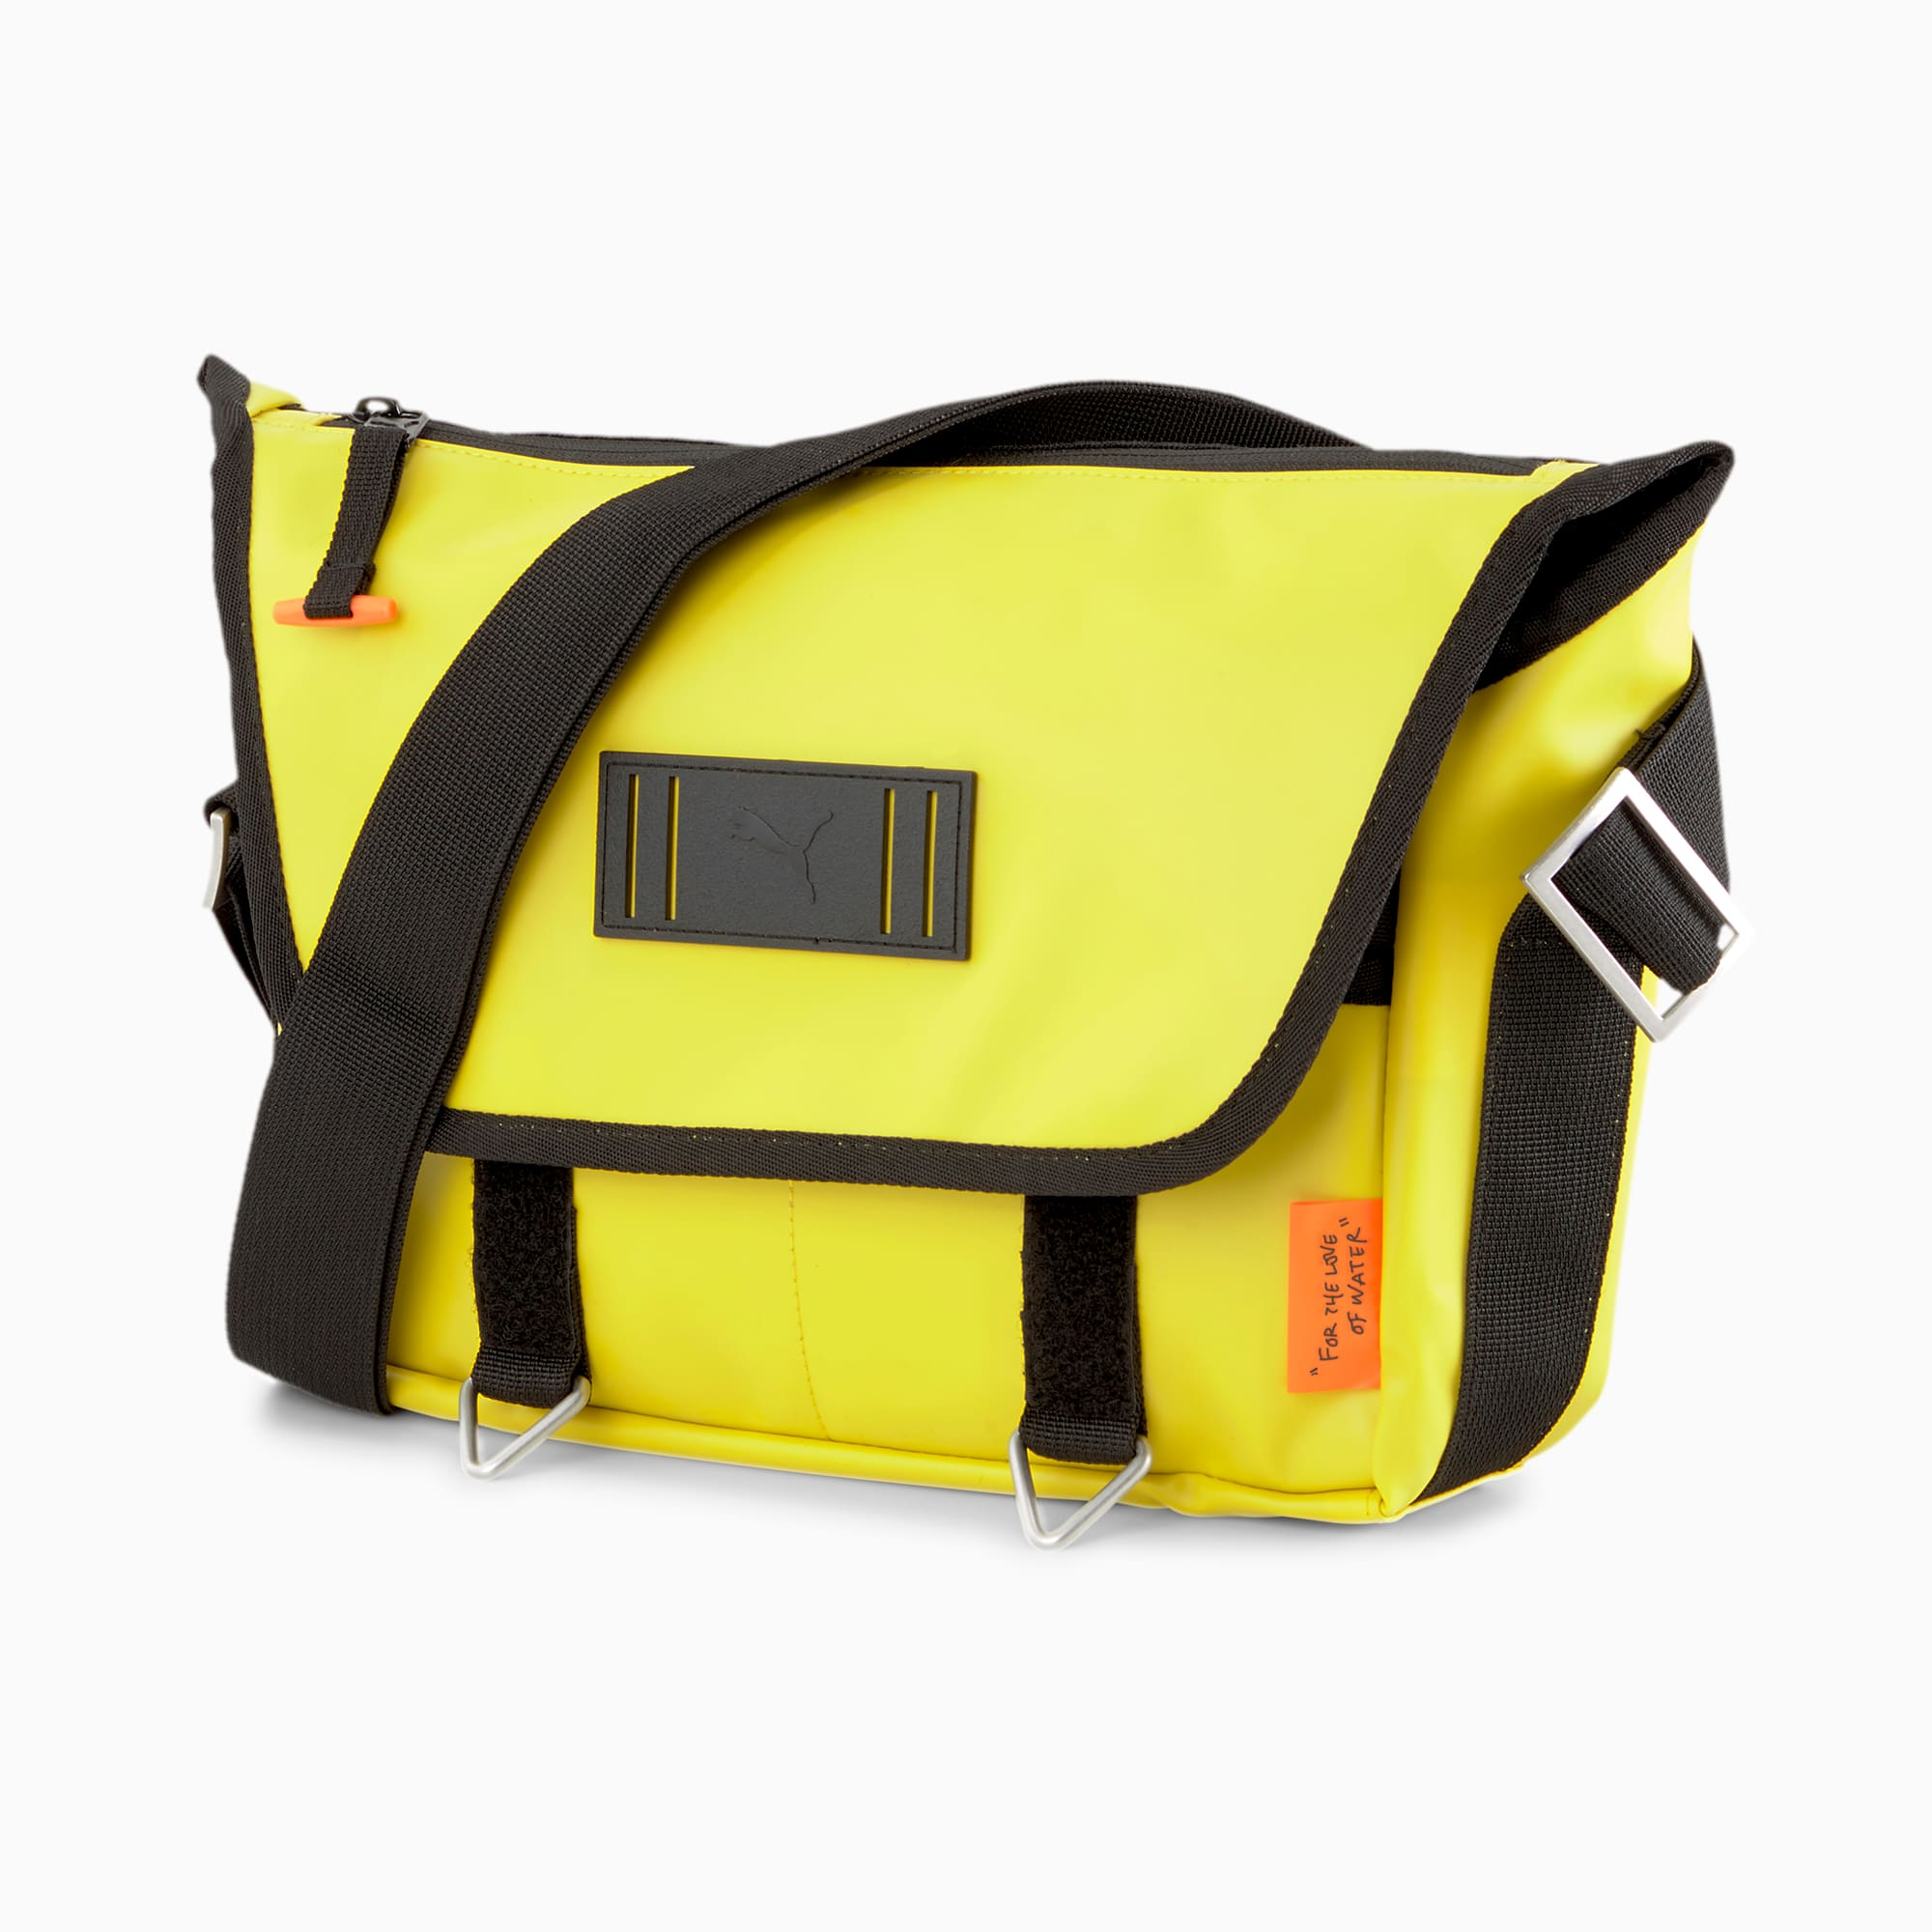 PUMA x CENTRAL SAINT MARTINS Messenger Bag